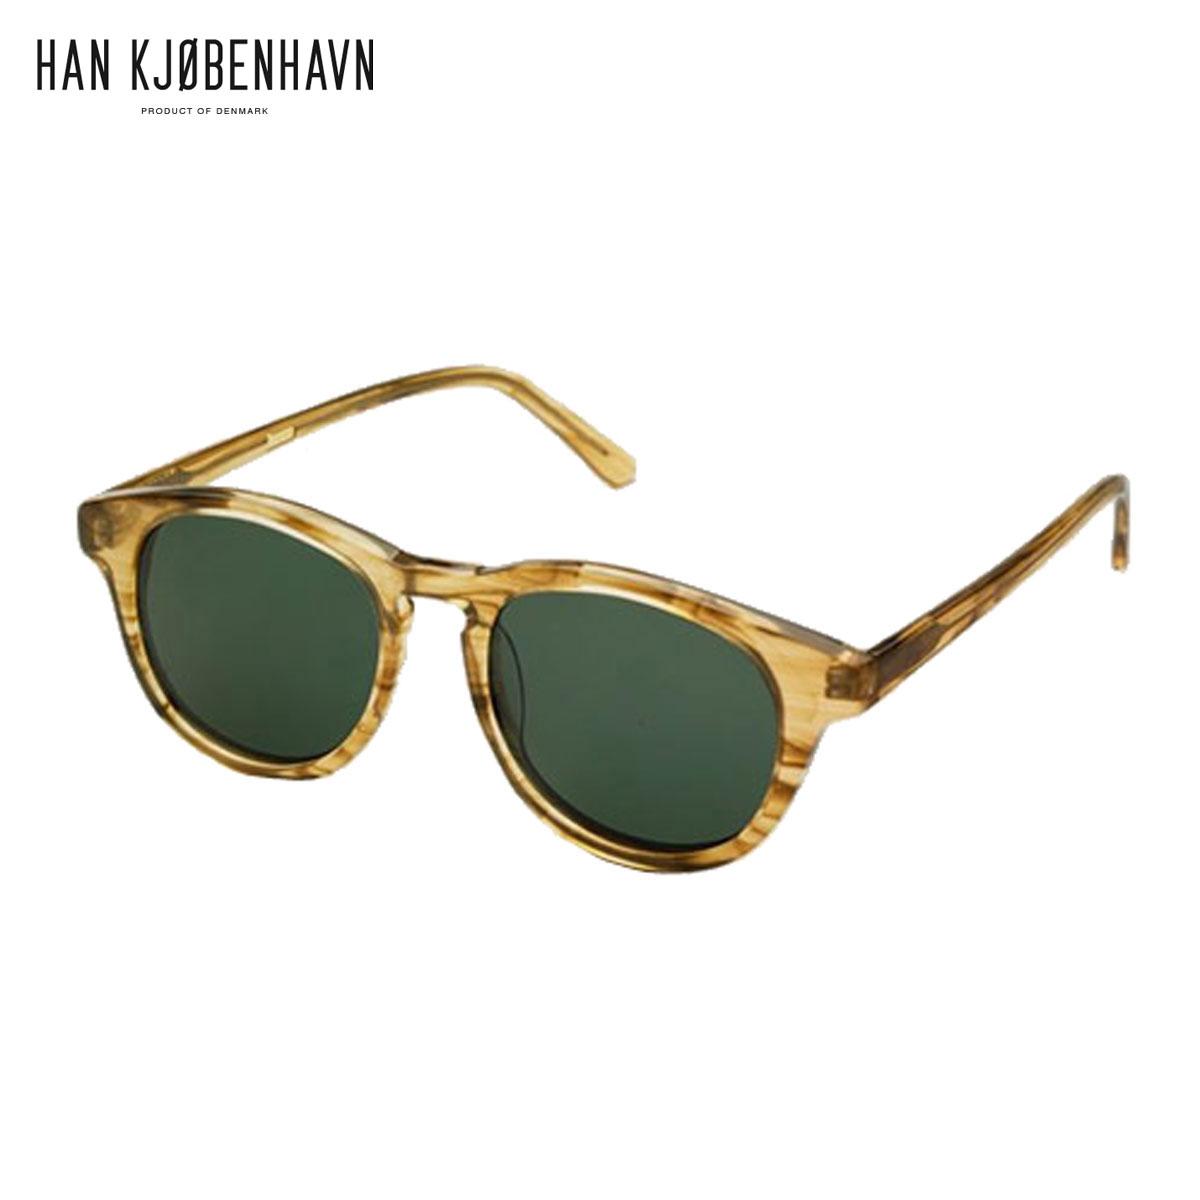 310c60509295 Kahn HAN KJOBENHAVN regular store men sunglasses glasses TIMELESS Horn -  SUN D15S25